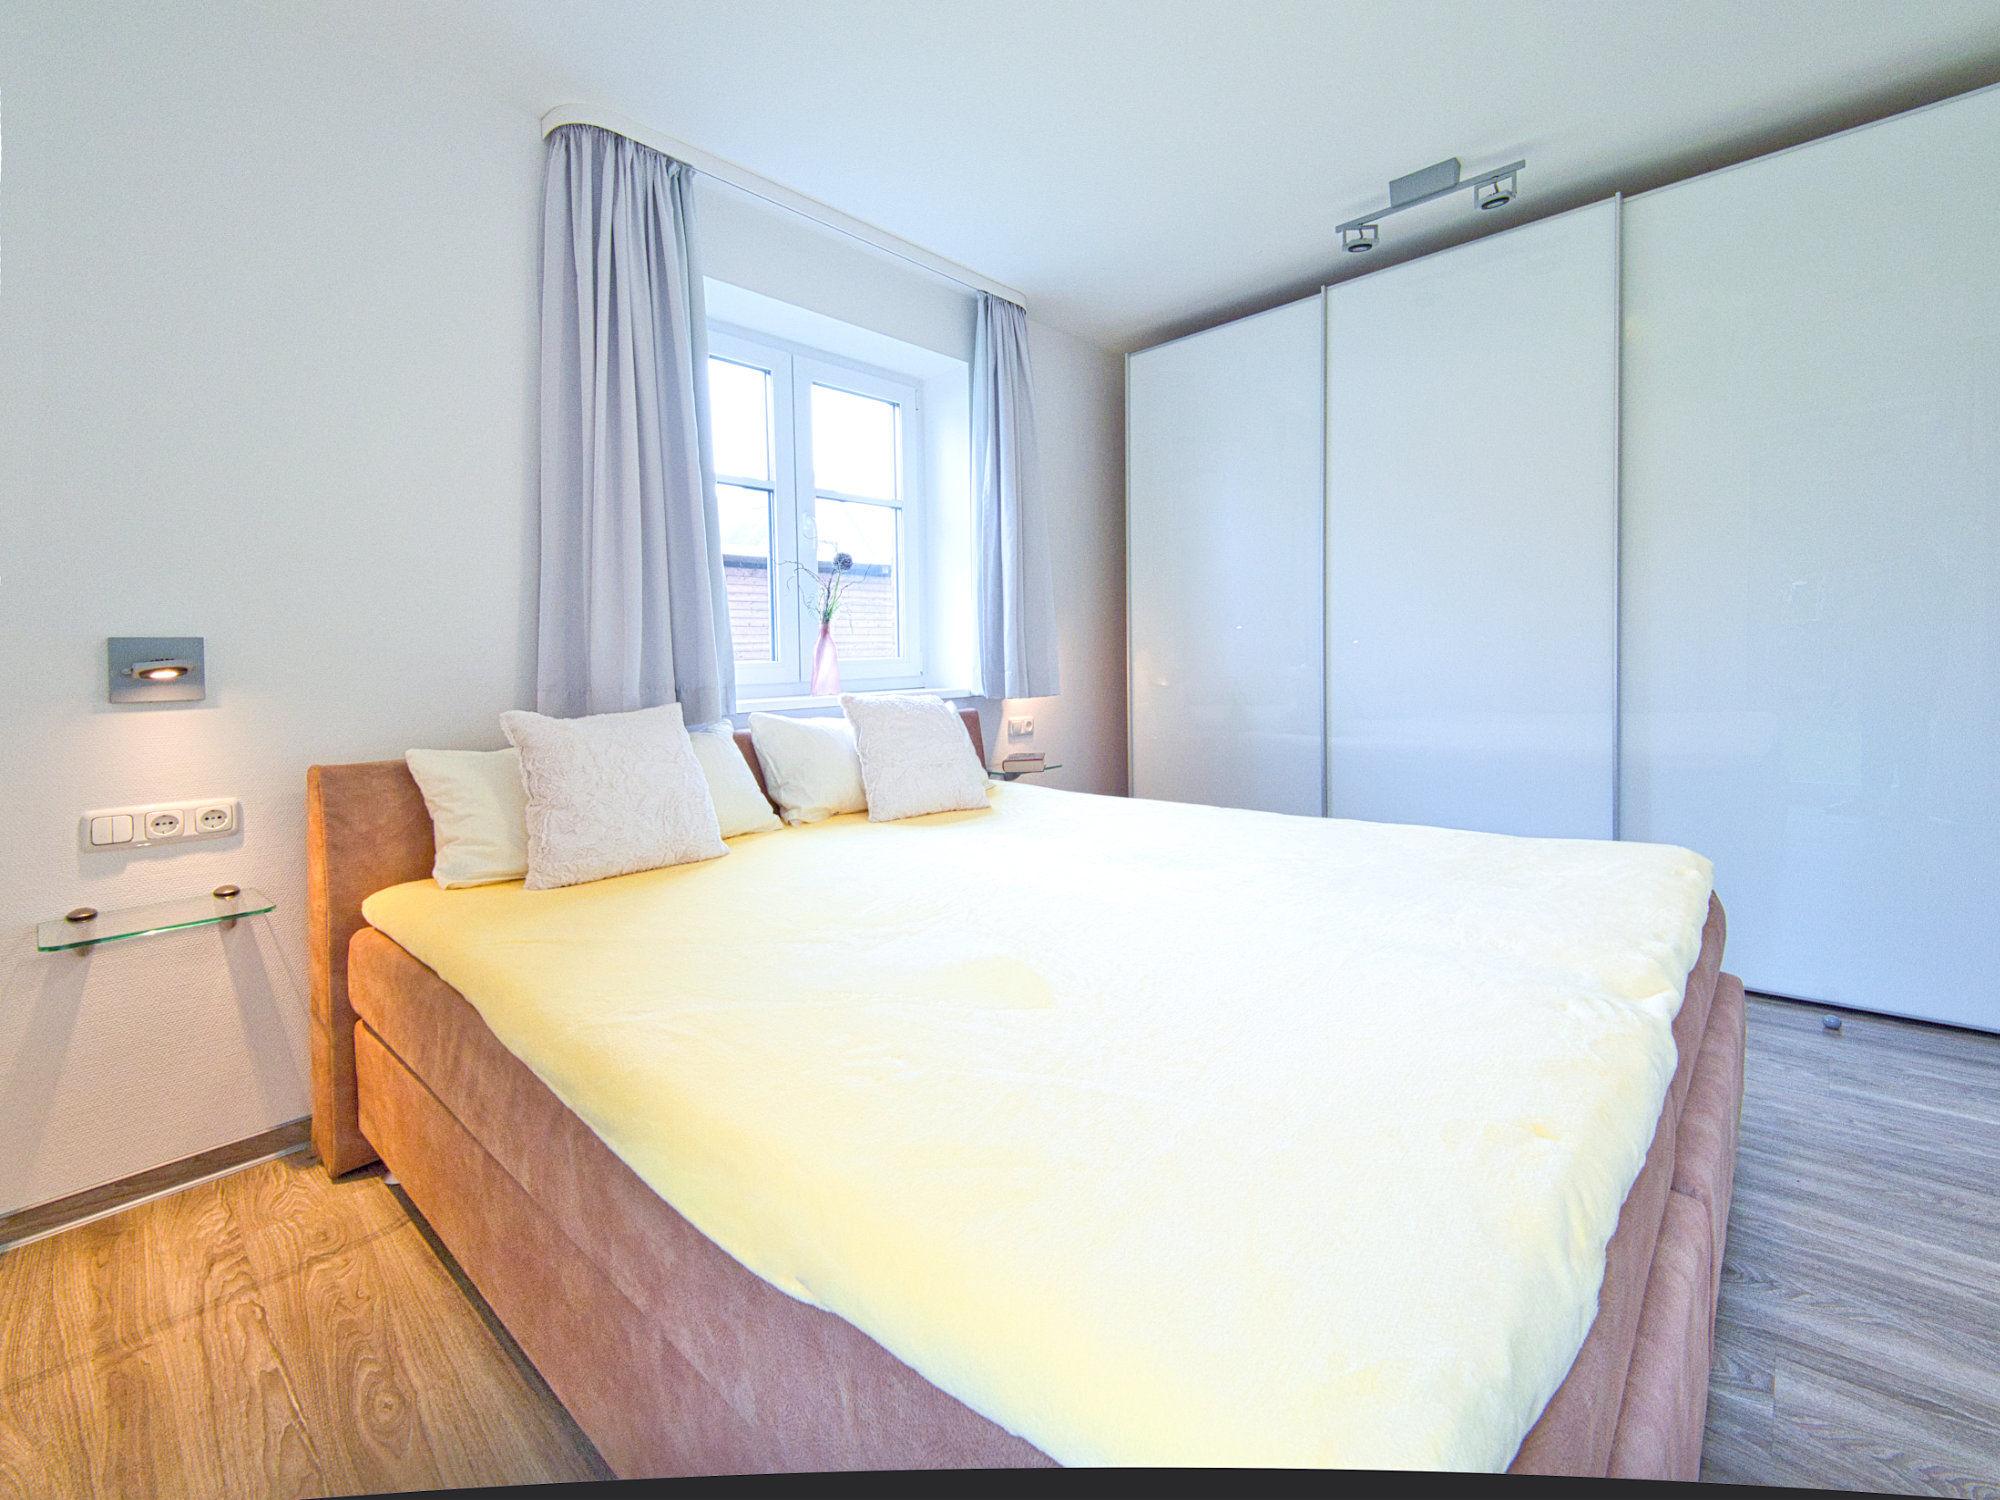 Zweites Schlafzimmer mit Doppelbett. Rechts davon ein Fenster und ein Kleiderschrank